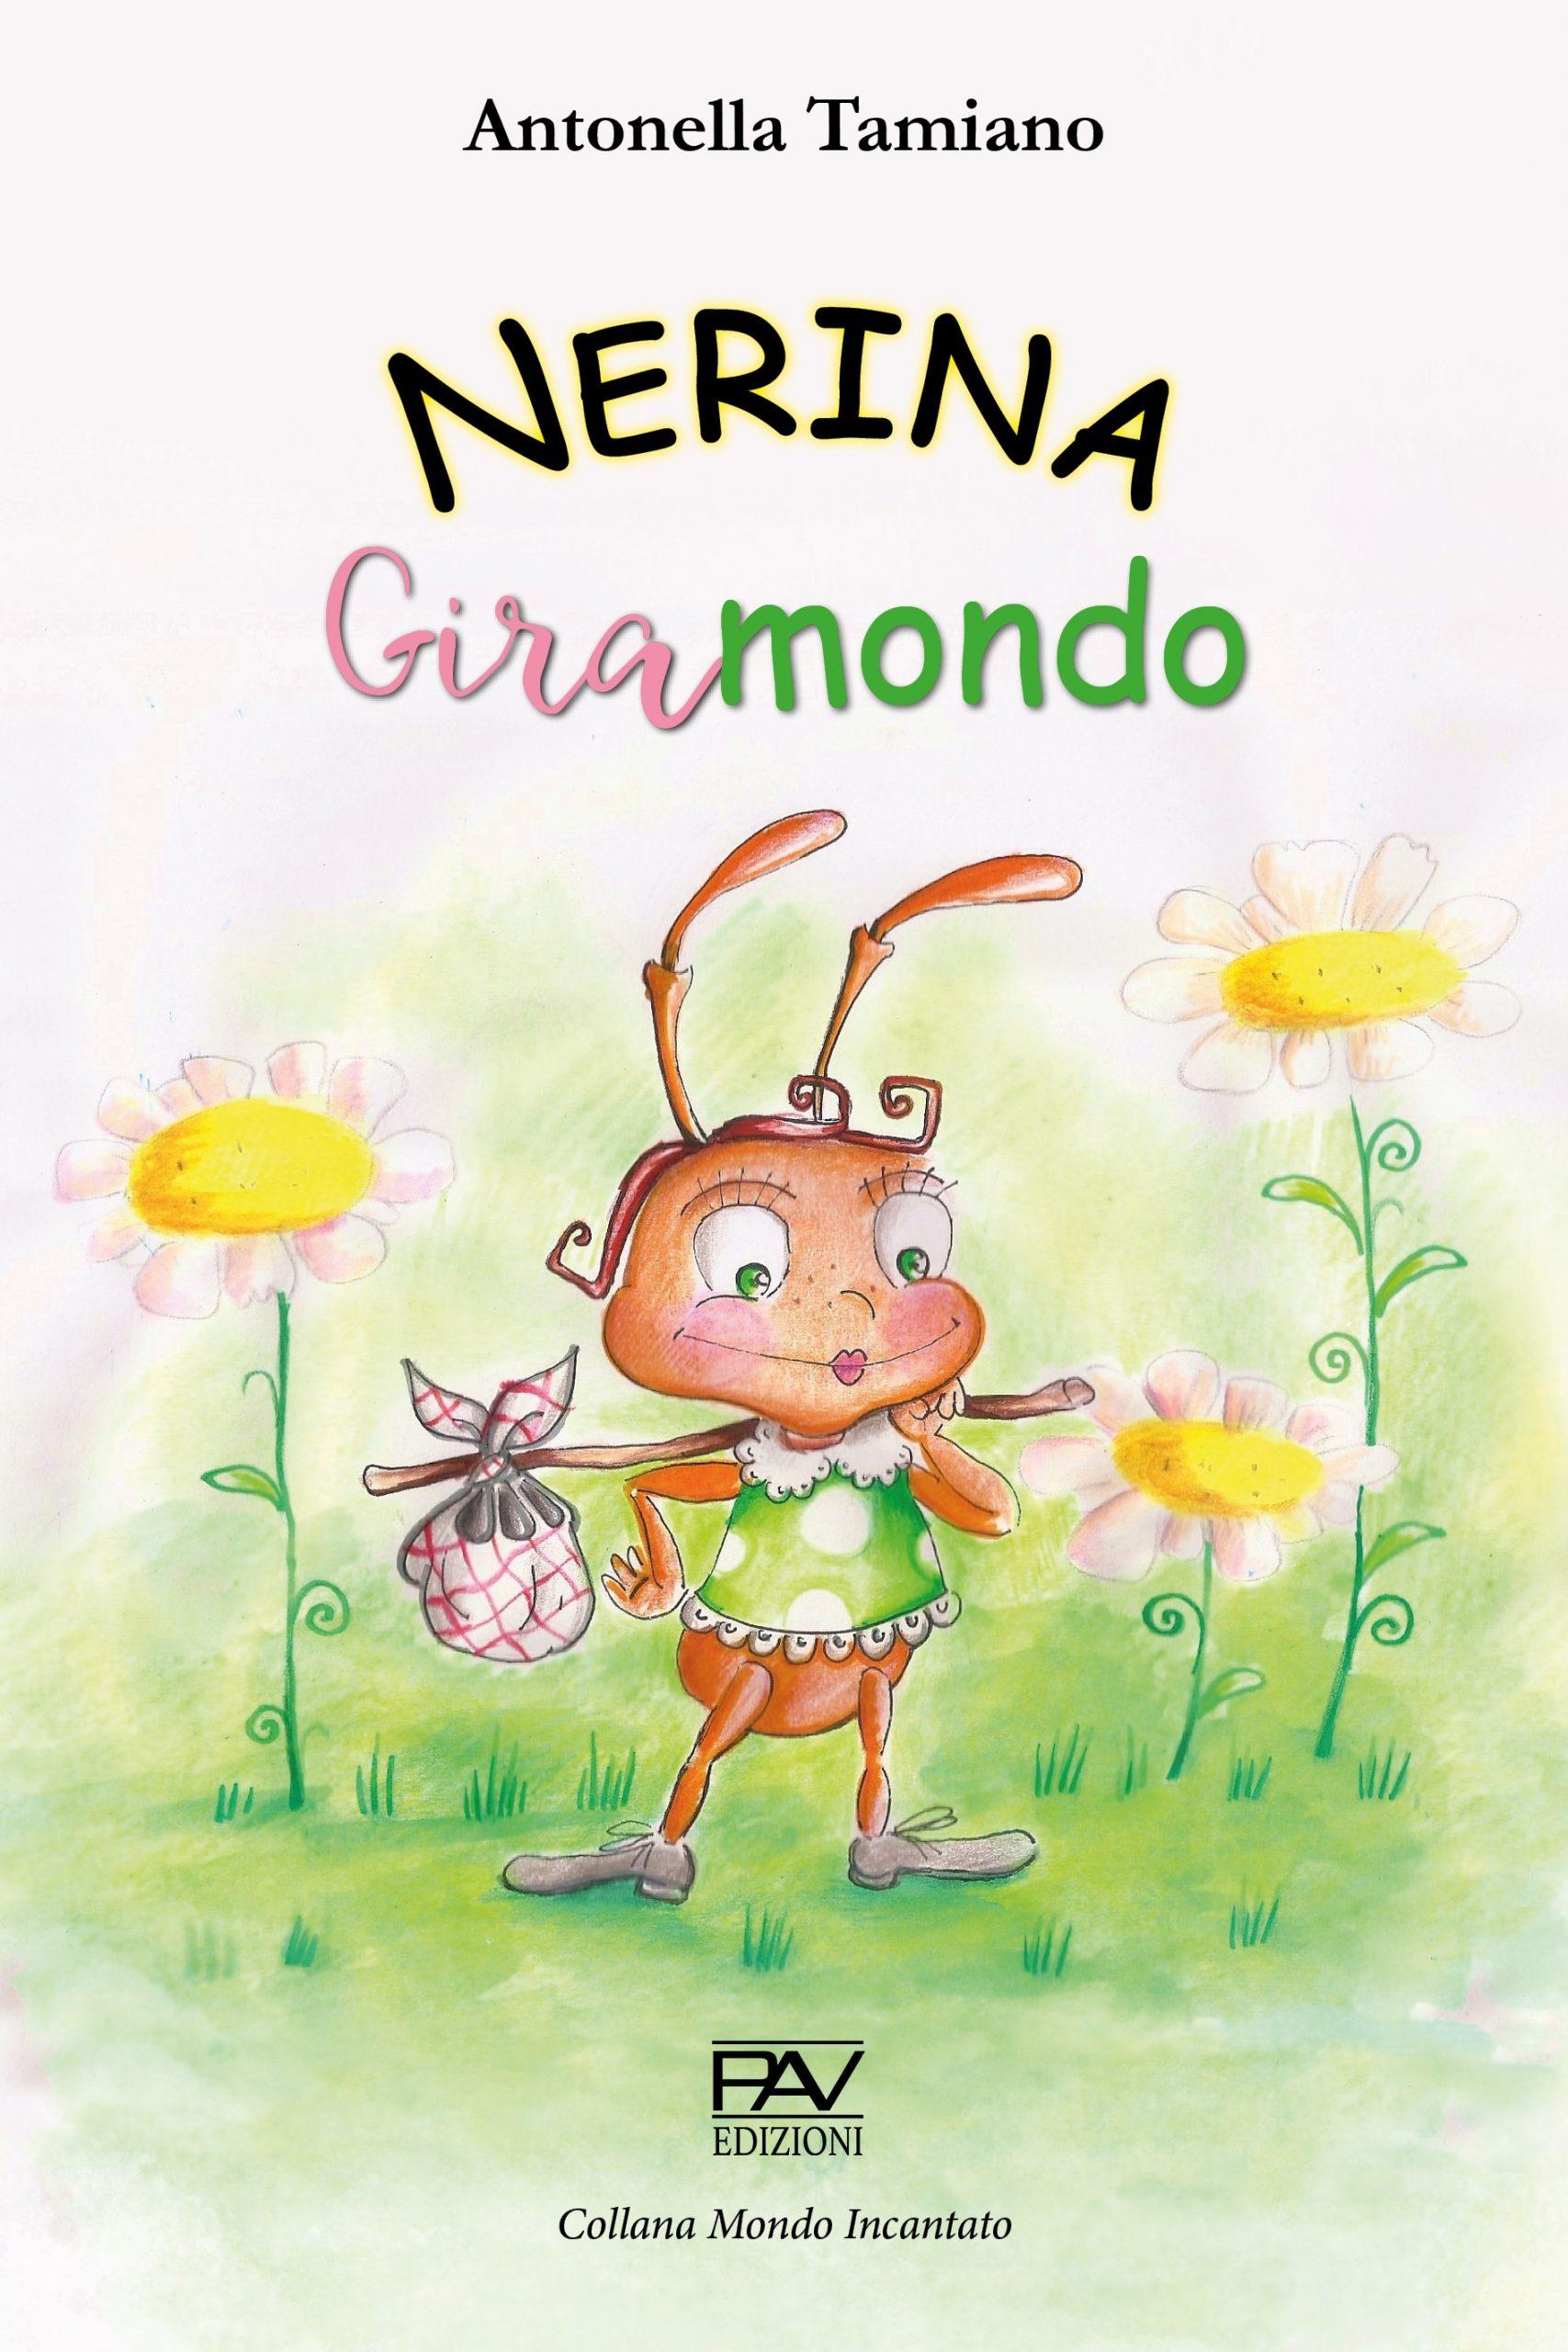 05022_Nerina-giramondo-Antonella-Tamiano-Covercc-scaled